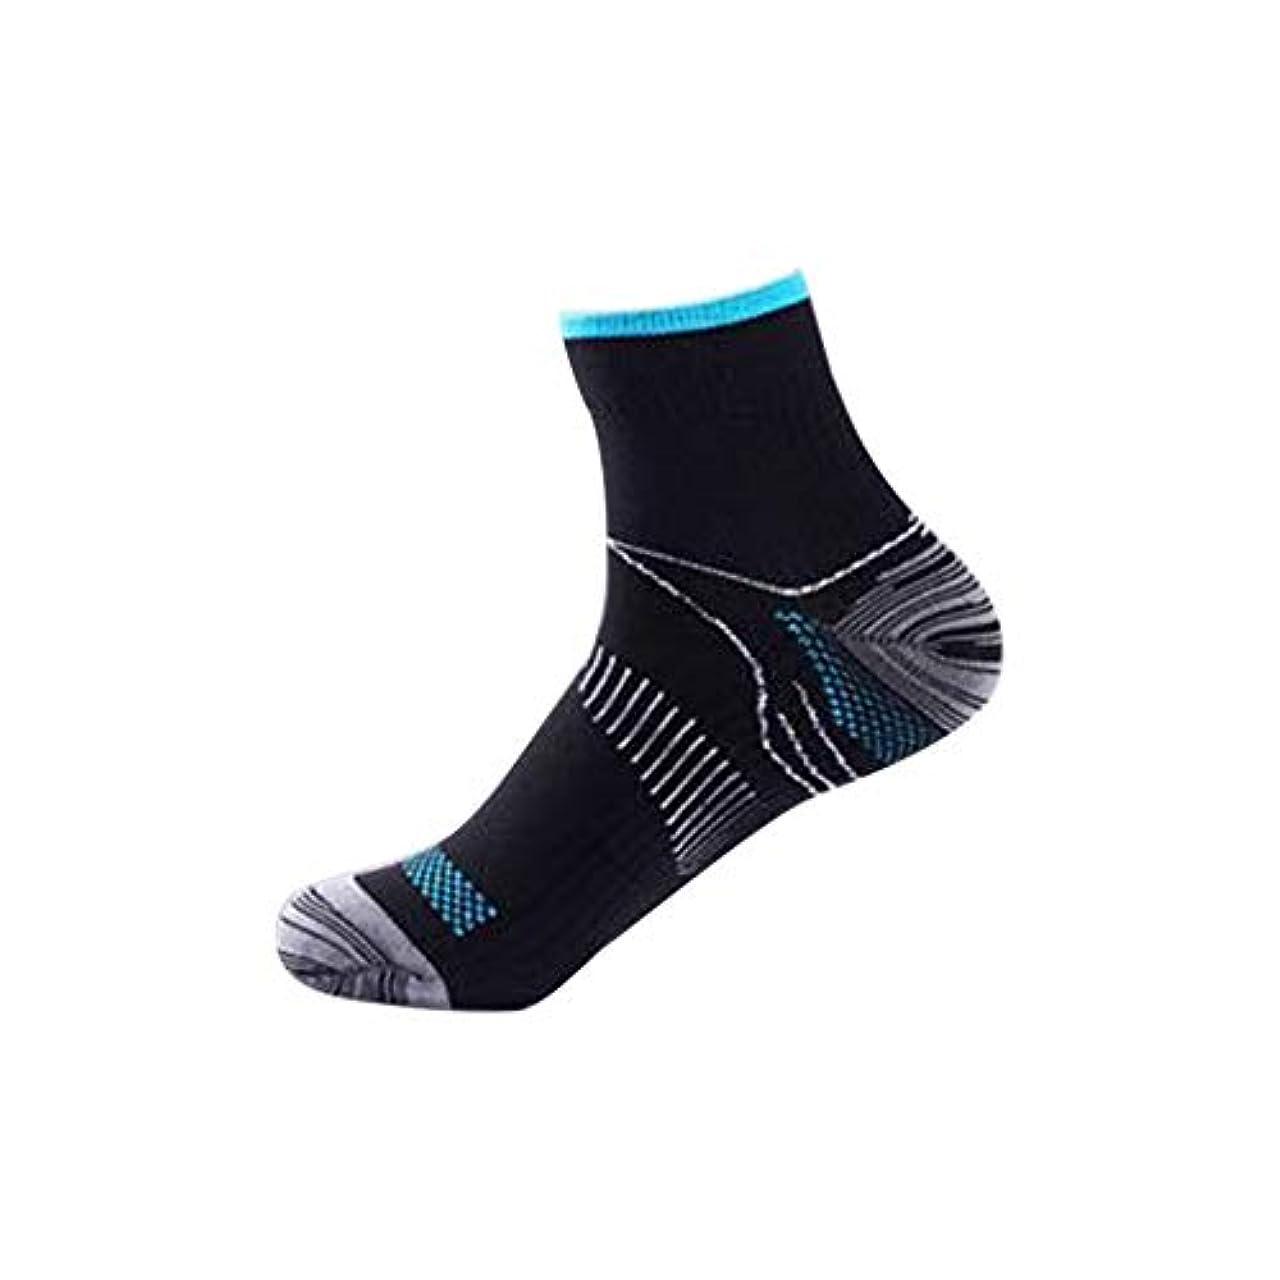 玉ねぎマウント昇進快適な男性の女性の膝の靴下のサポートストレッチ通気性の靴下の下の短いストレッチ圧縮の靴下